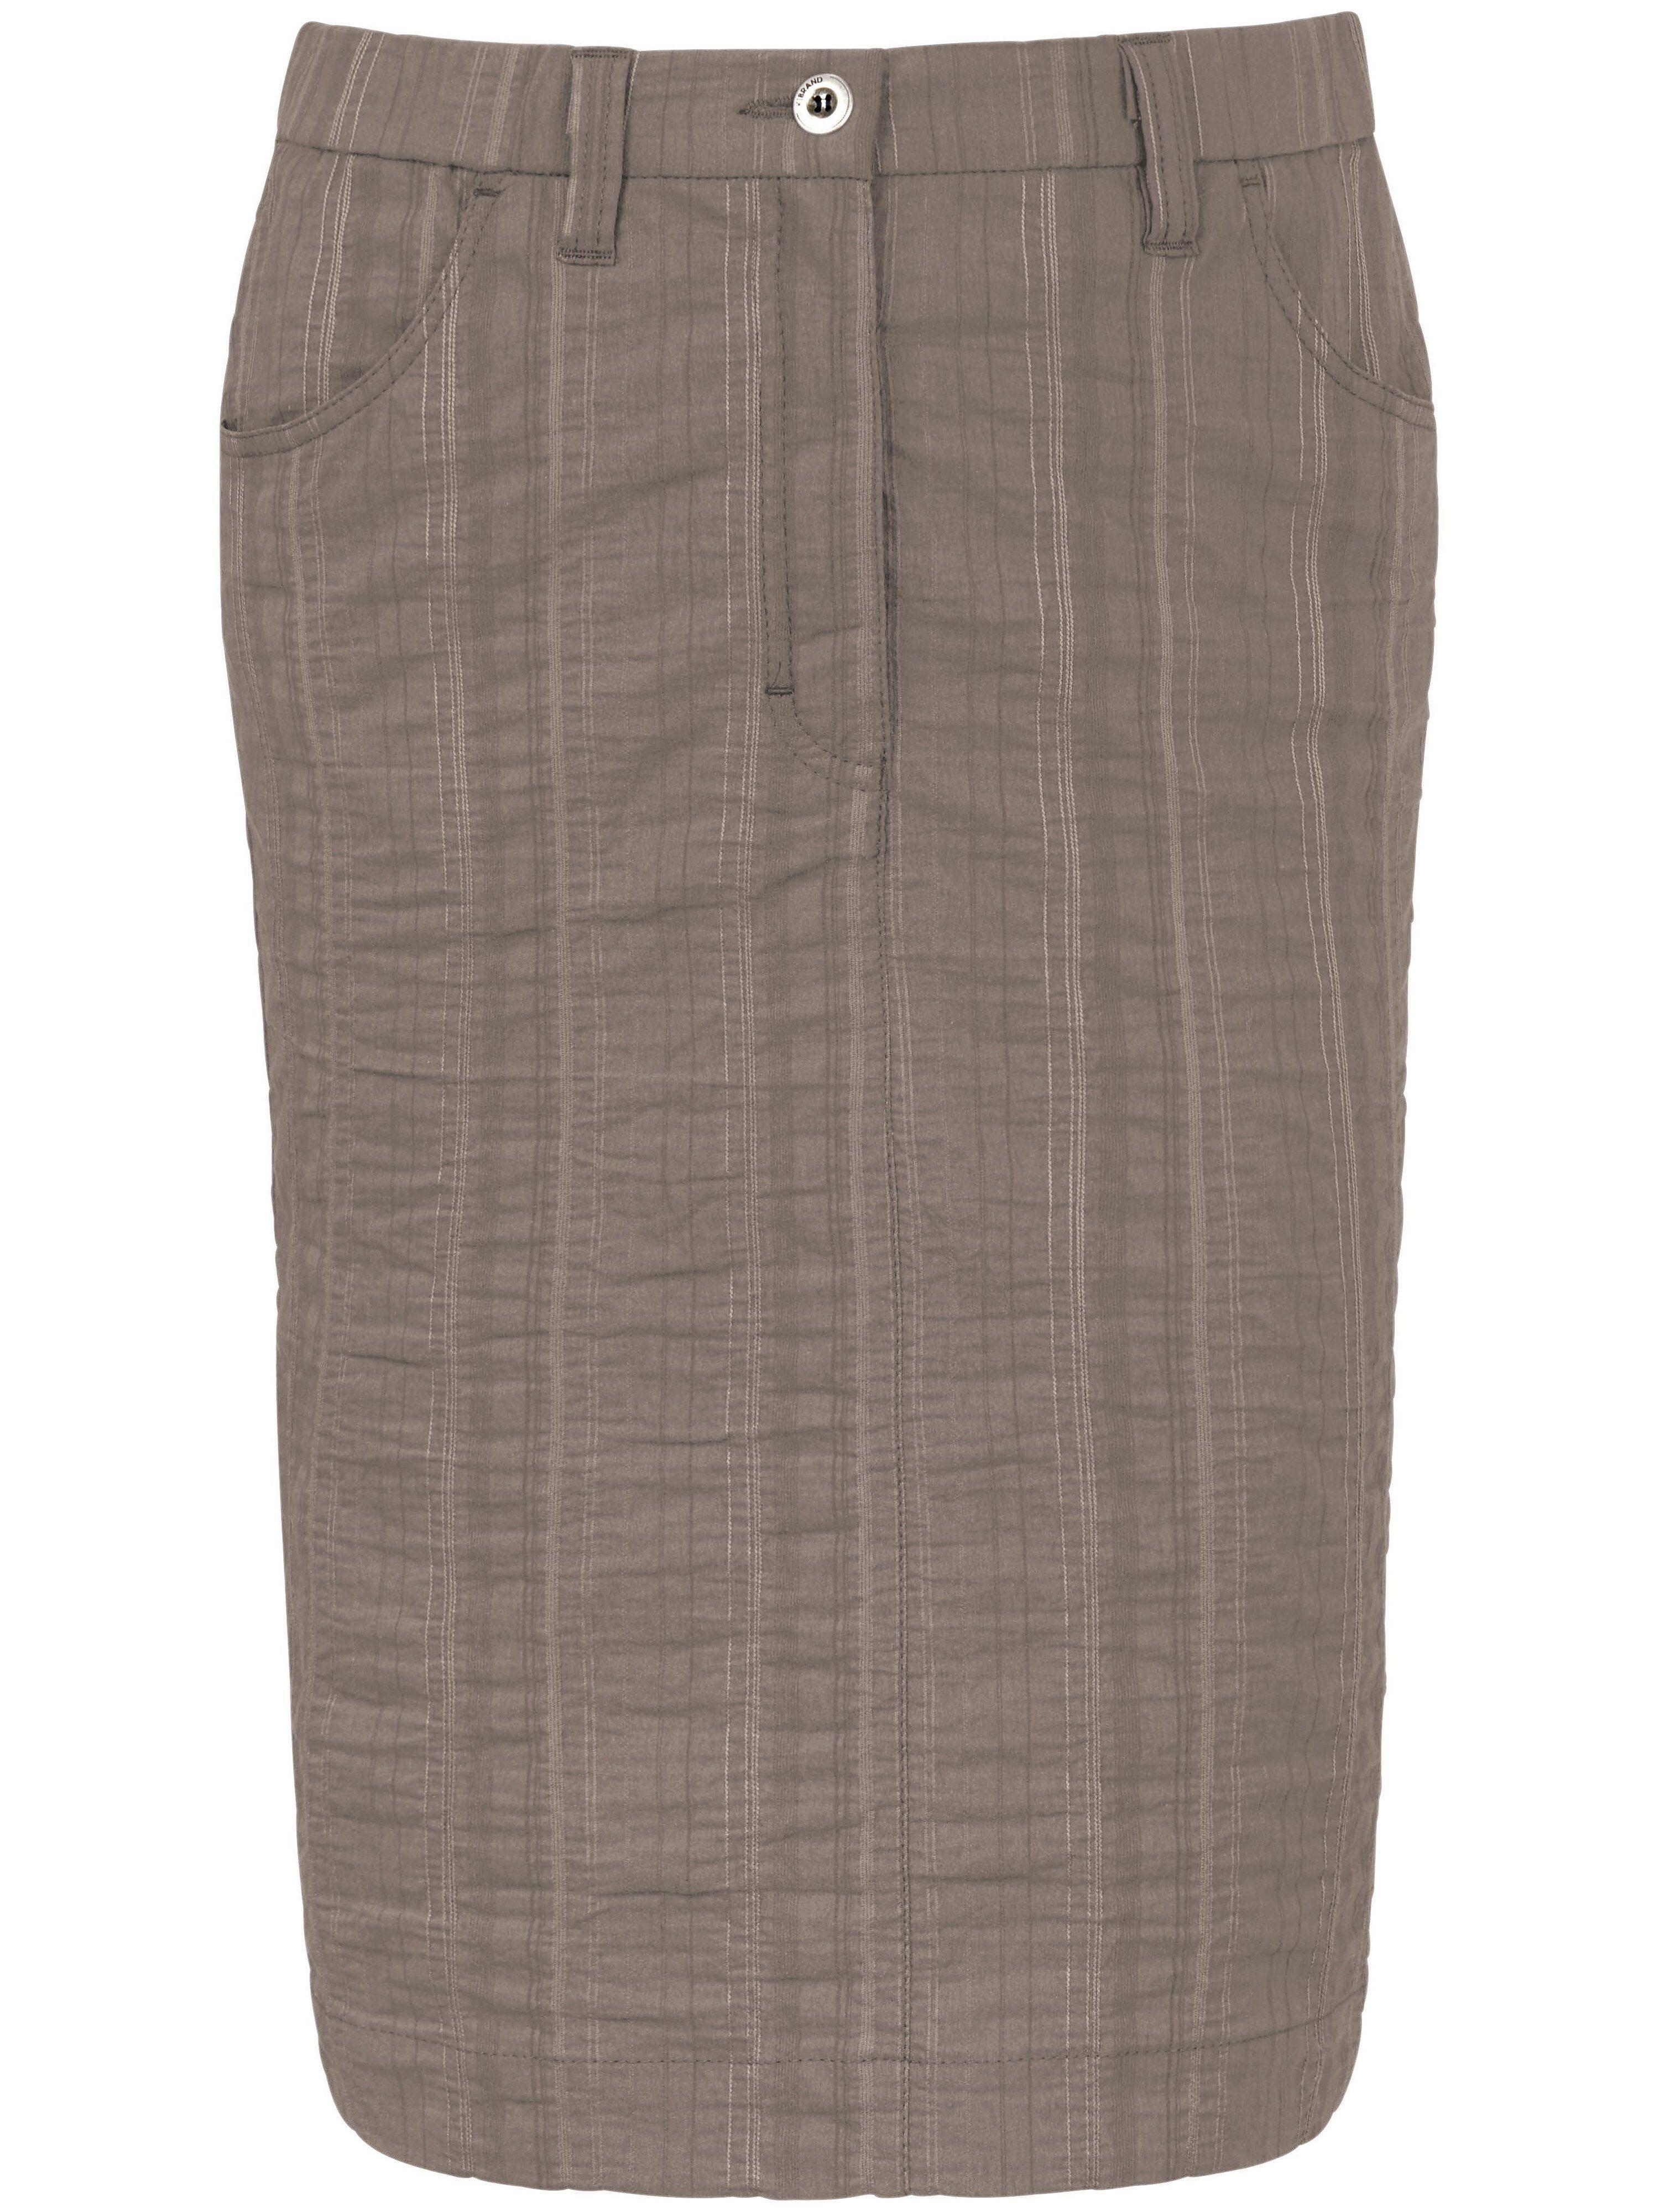 KjBrand La jupe Wash & Go, ligne droite  KjBrand beige  - Femme - 40